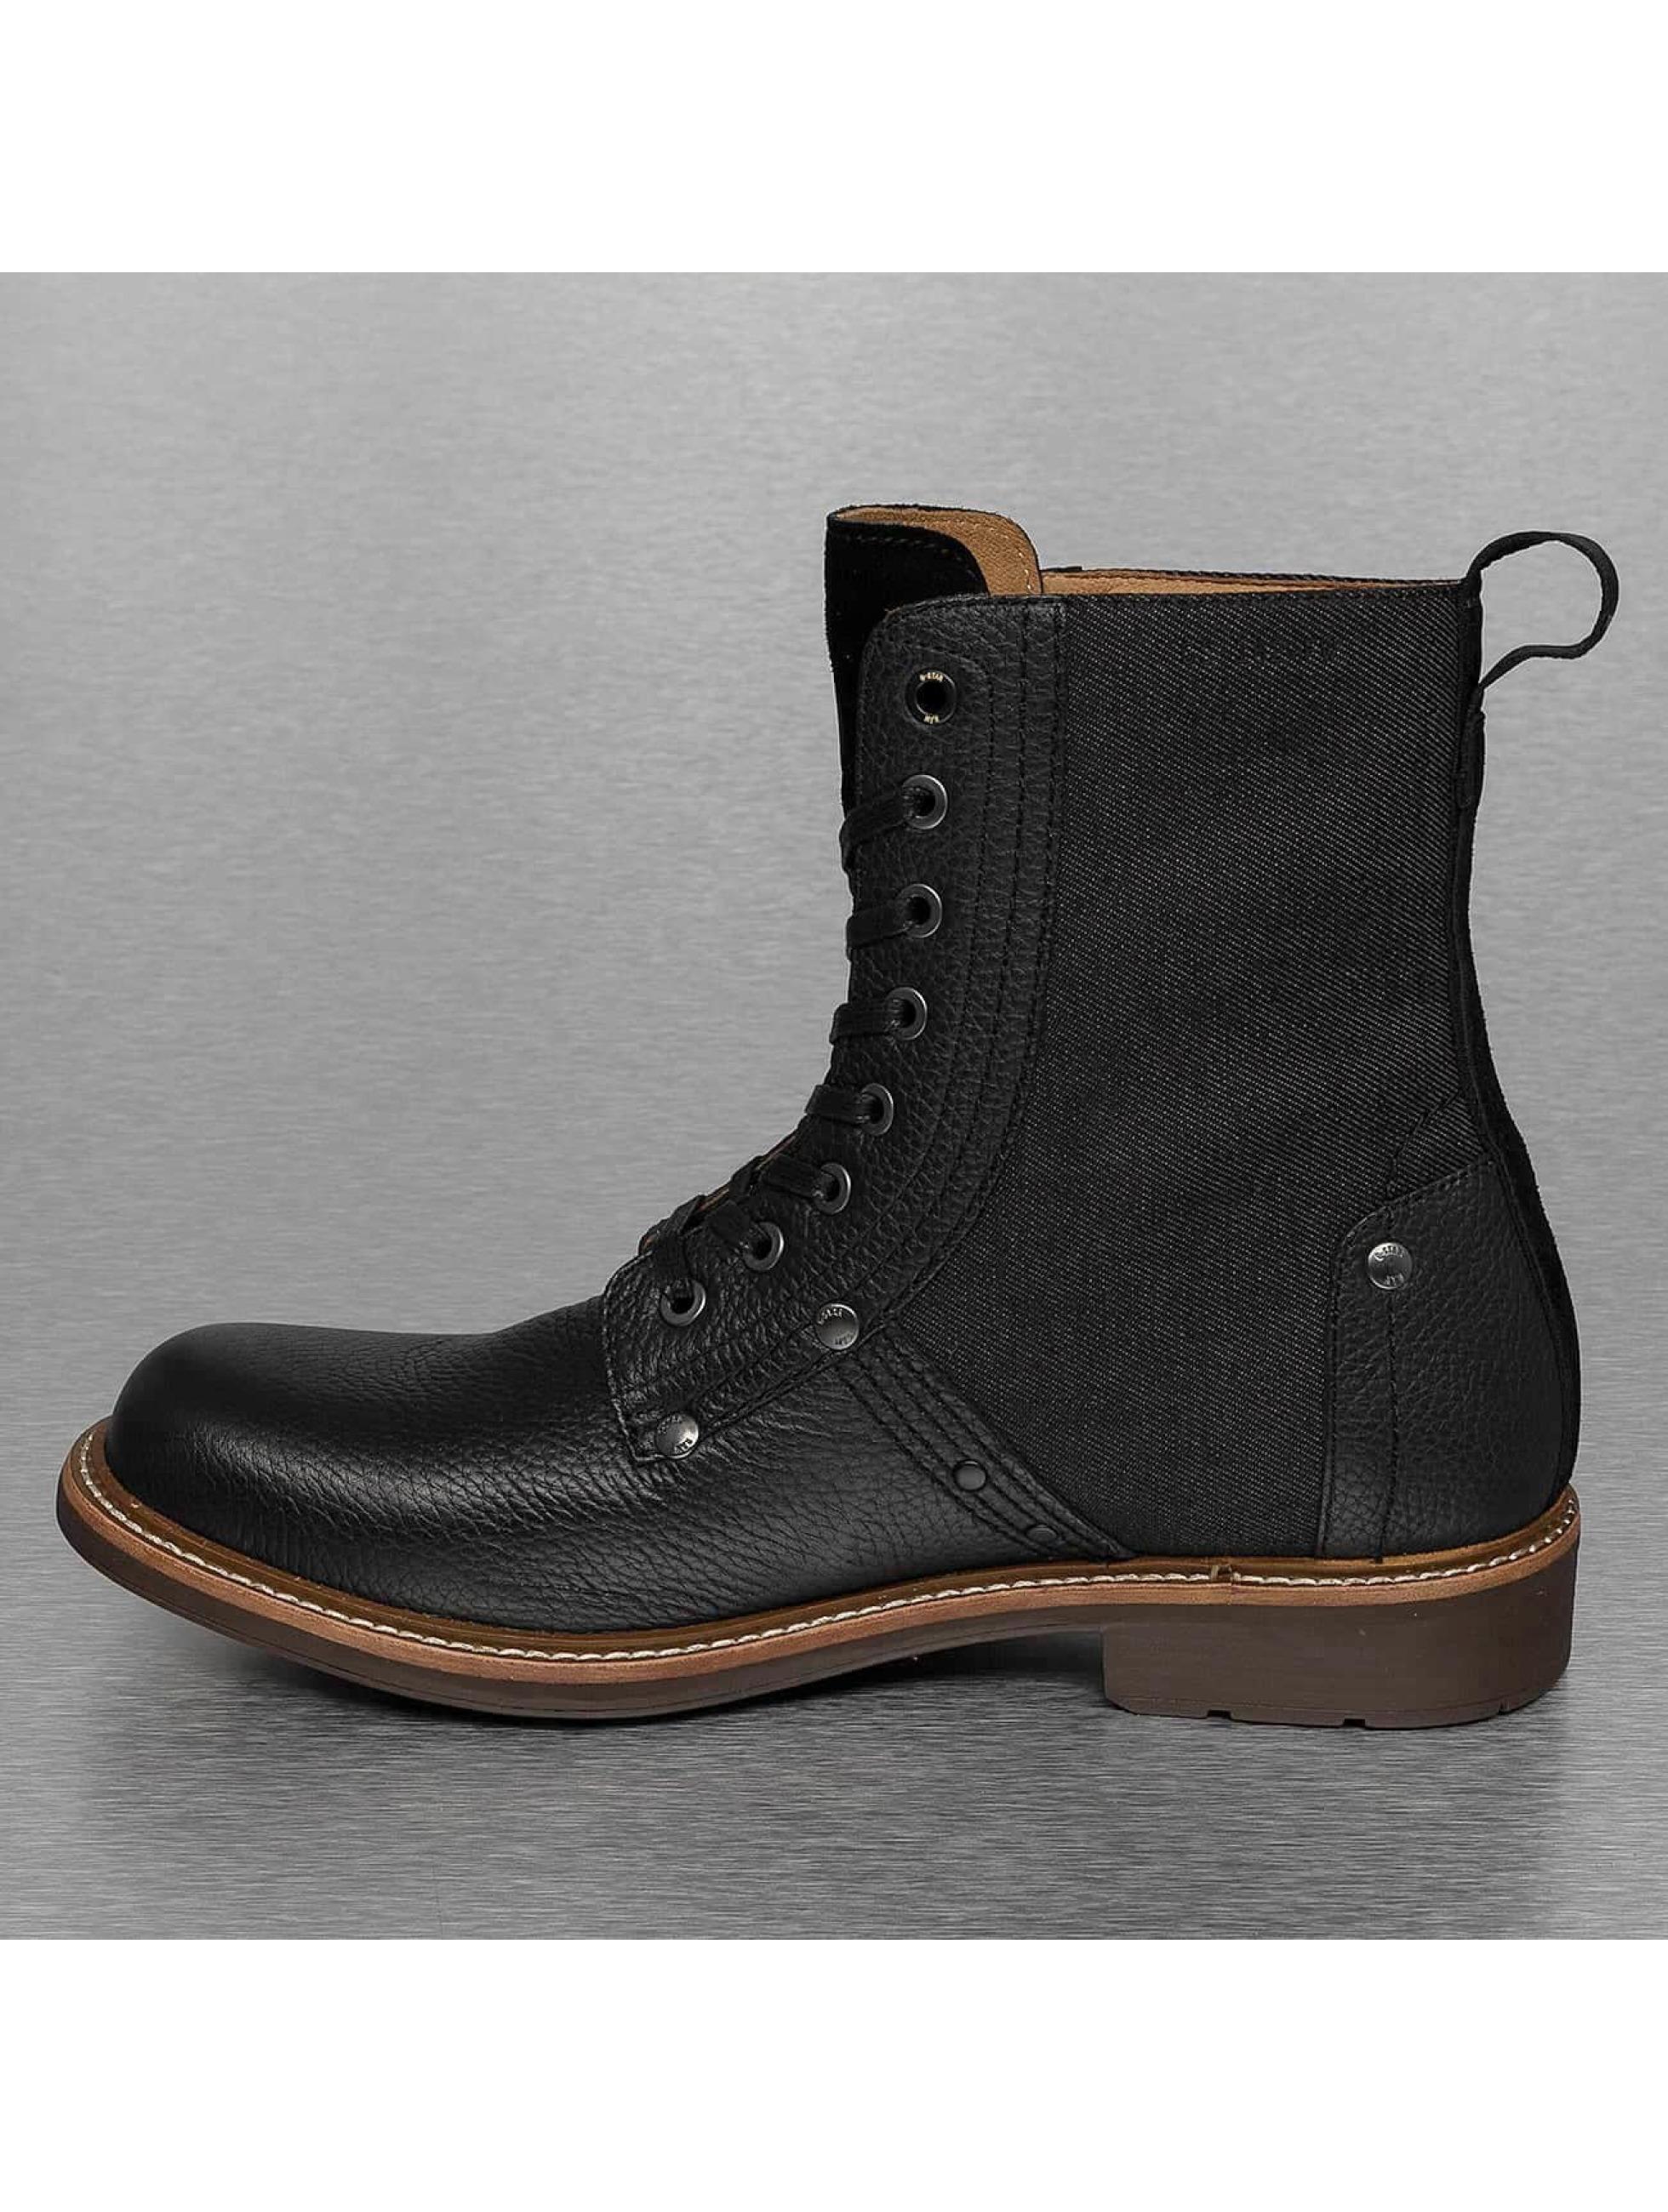 G-Star Vapaa-ajan kengät Labour Leather musta